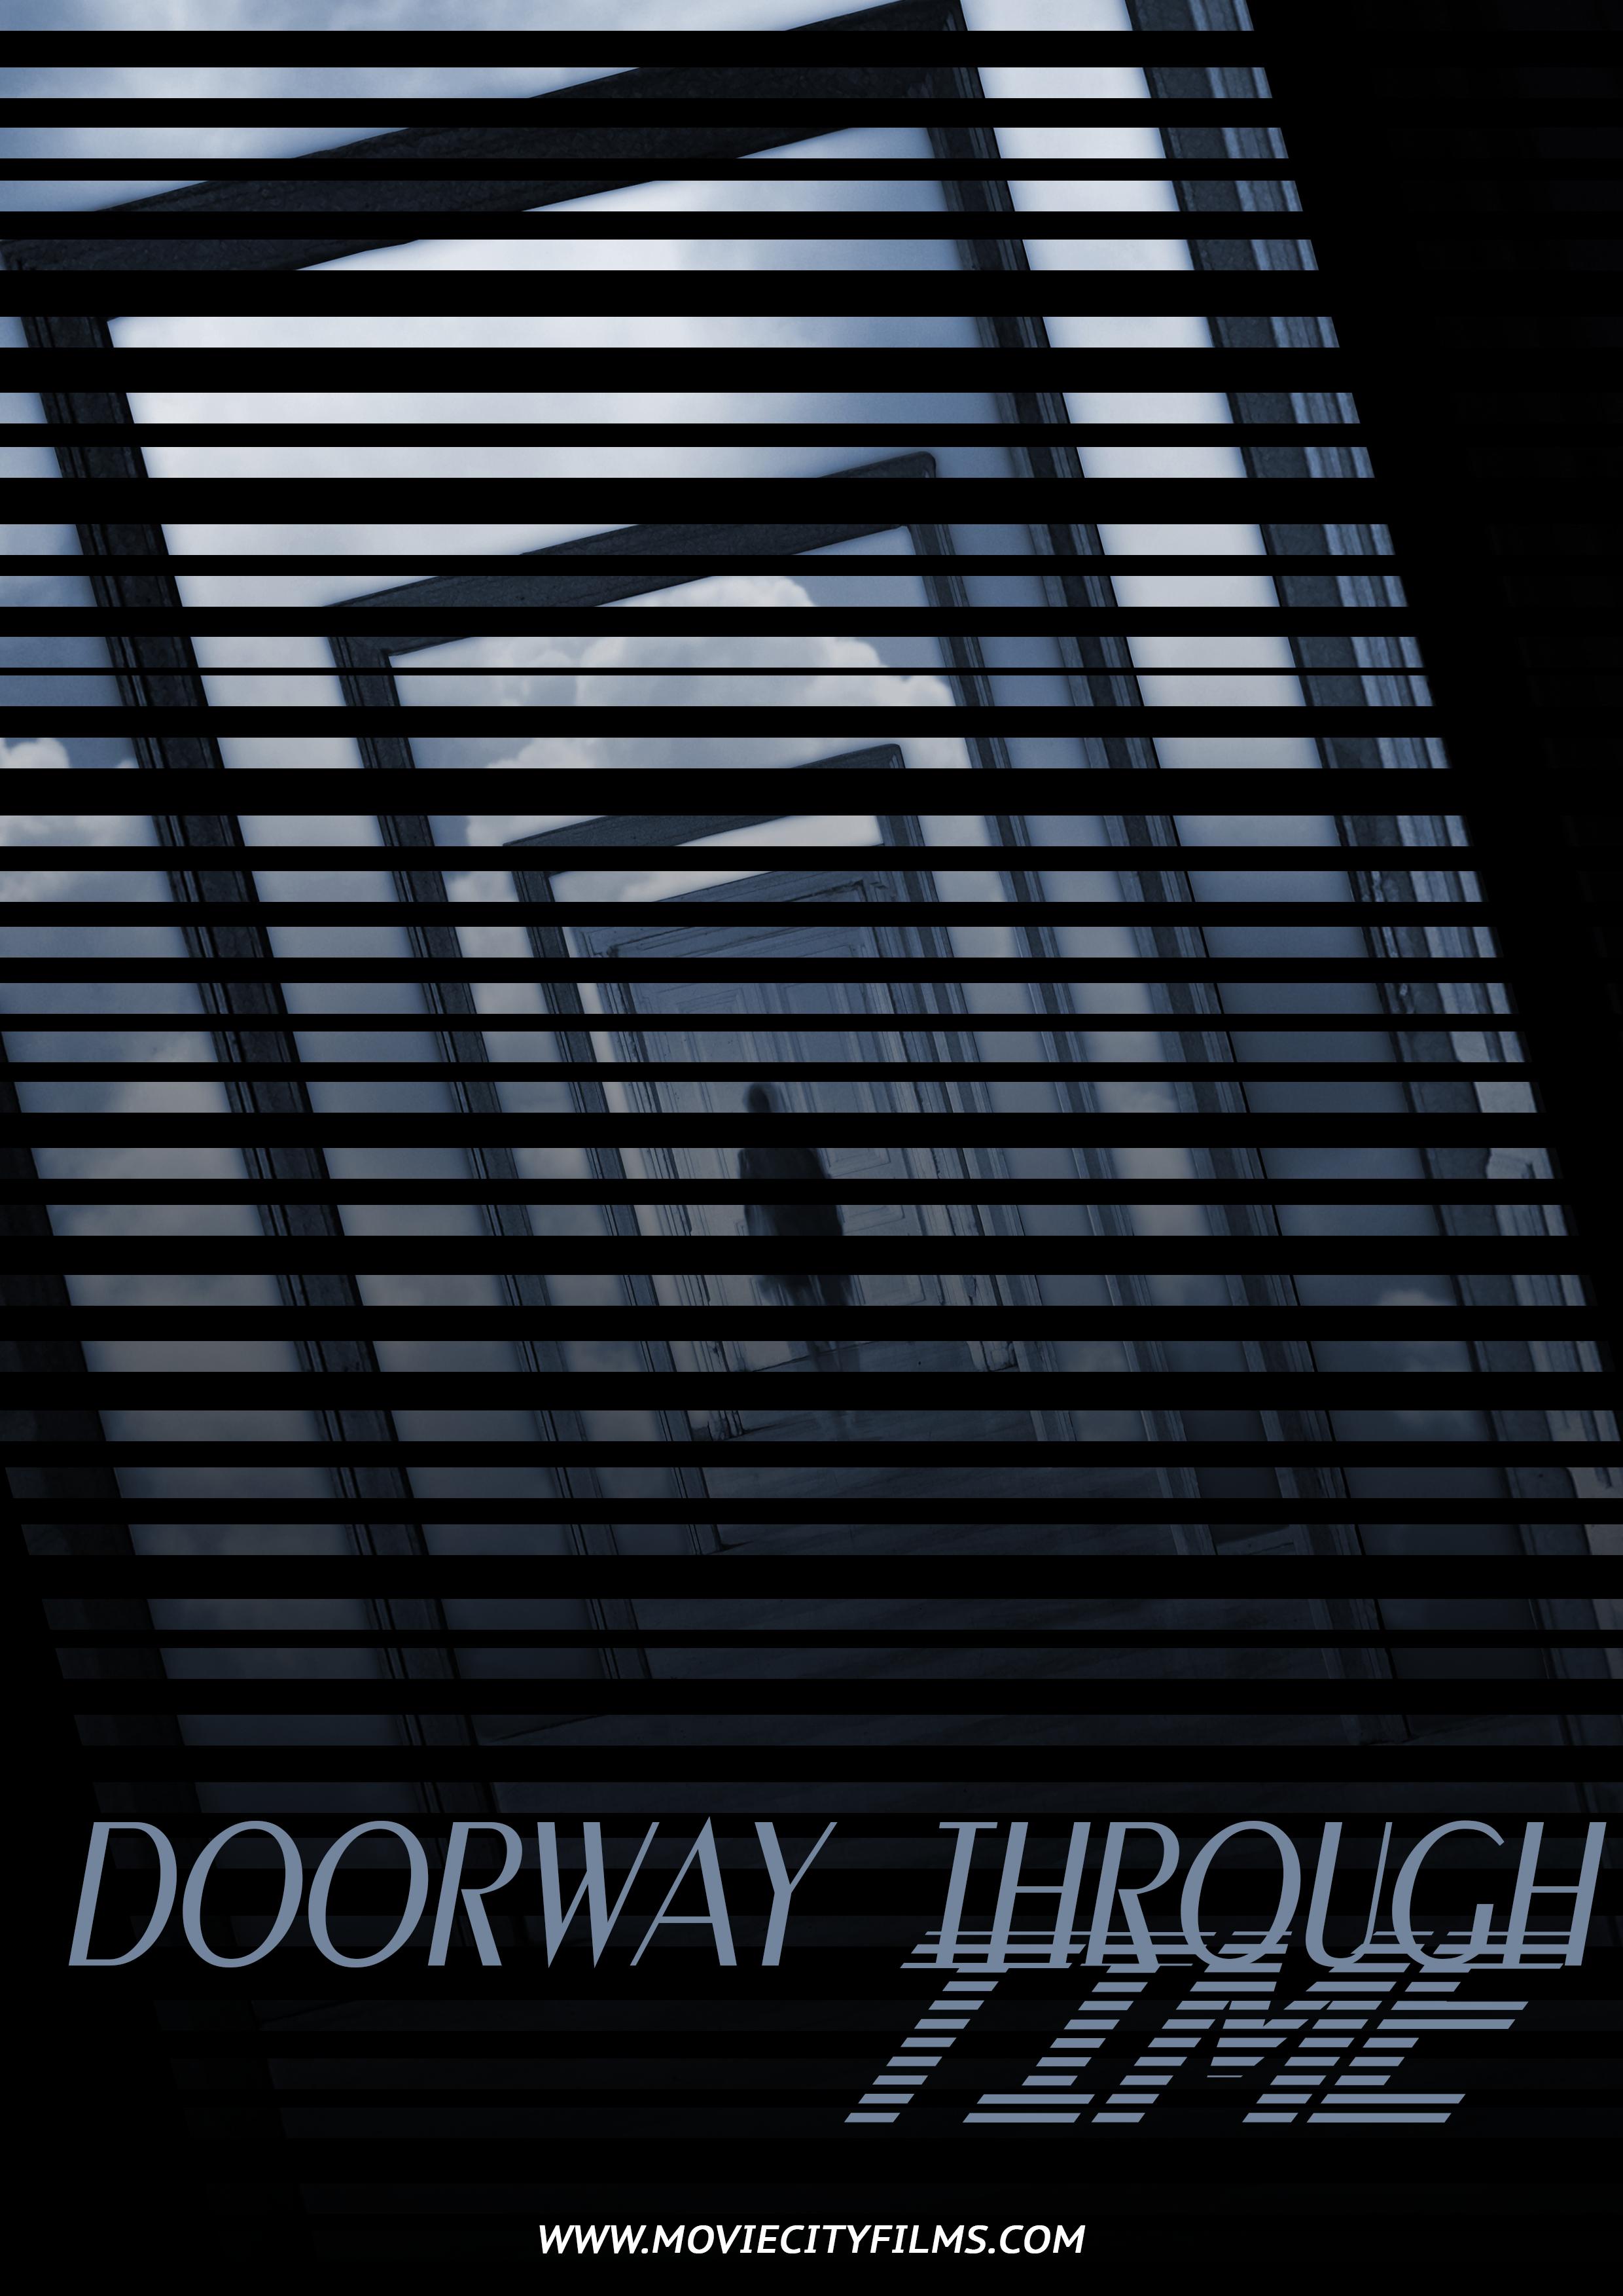 DoorwayThroughTime.png